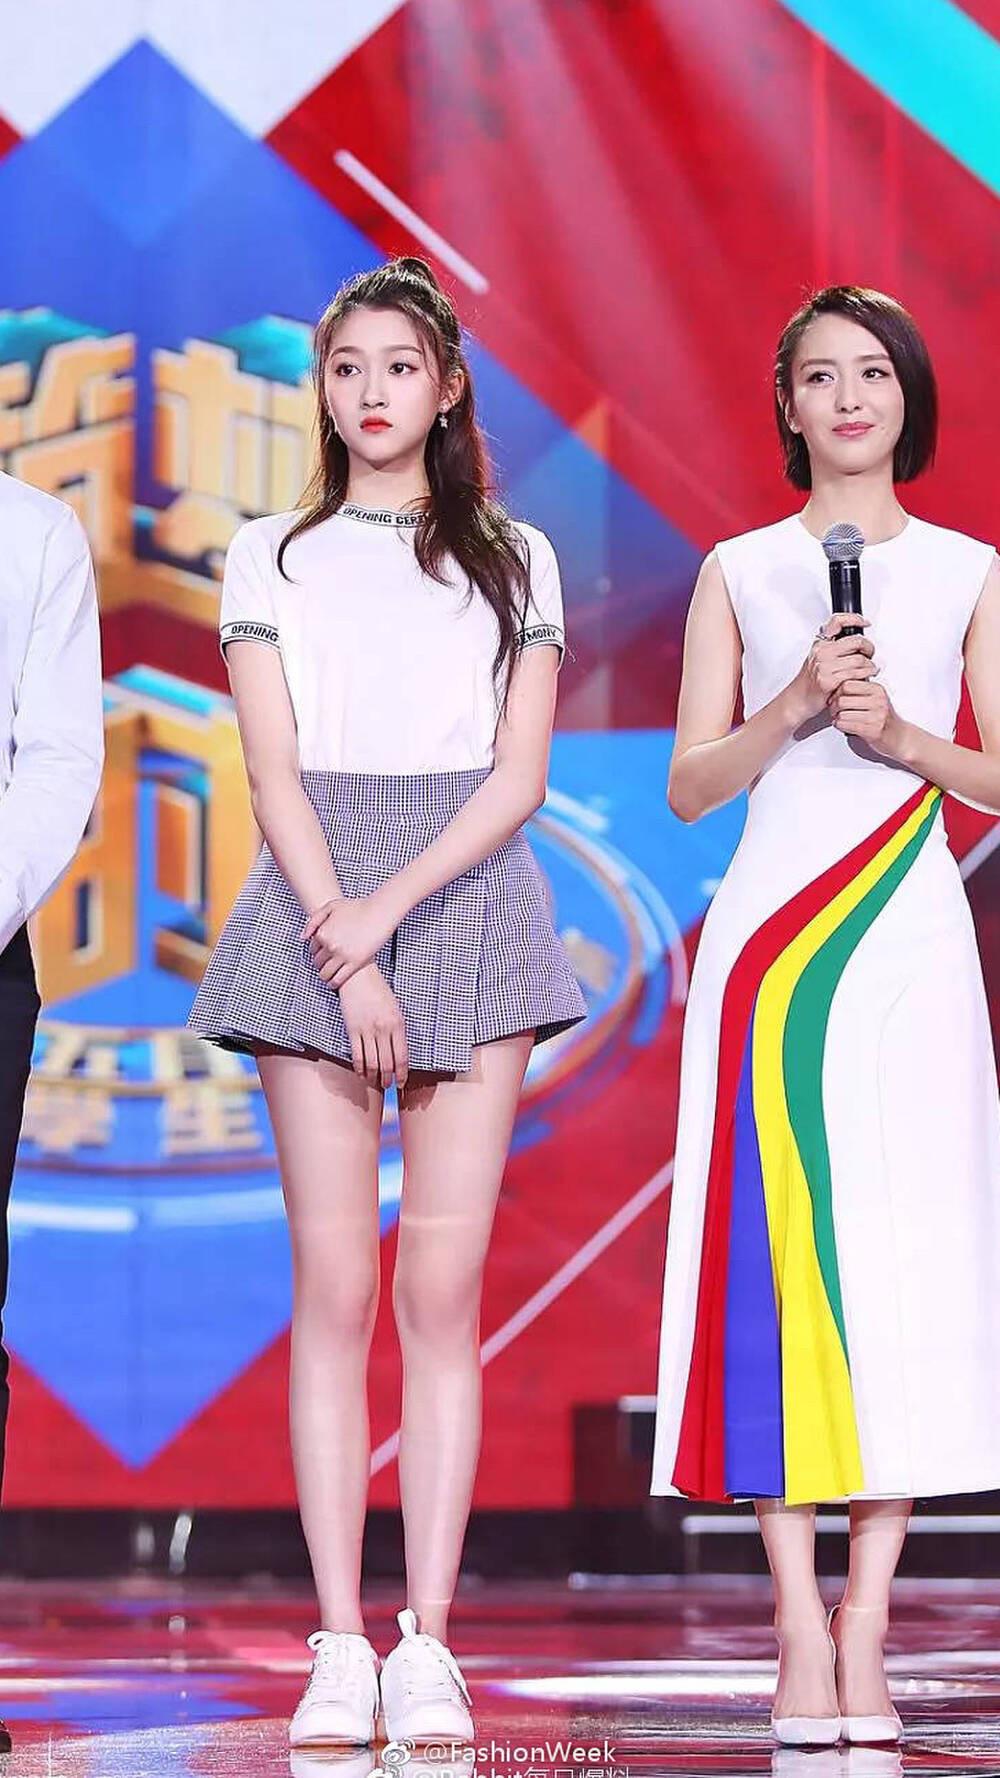 Tiểu Hoa Đán 9x Quan Hiểu Đồng khoe chân dài 108 cm - Ảnh 13.